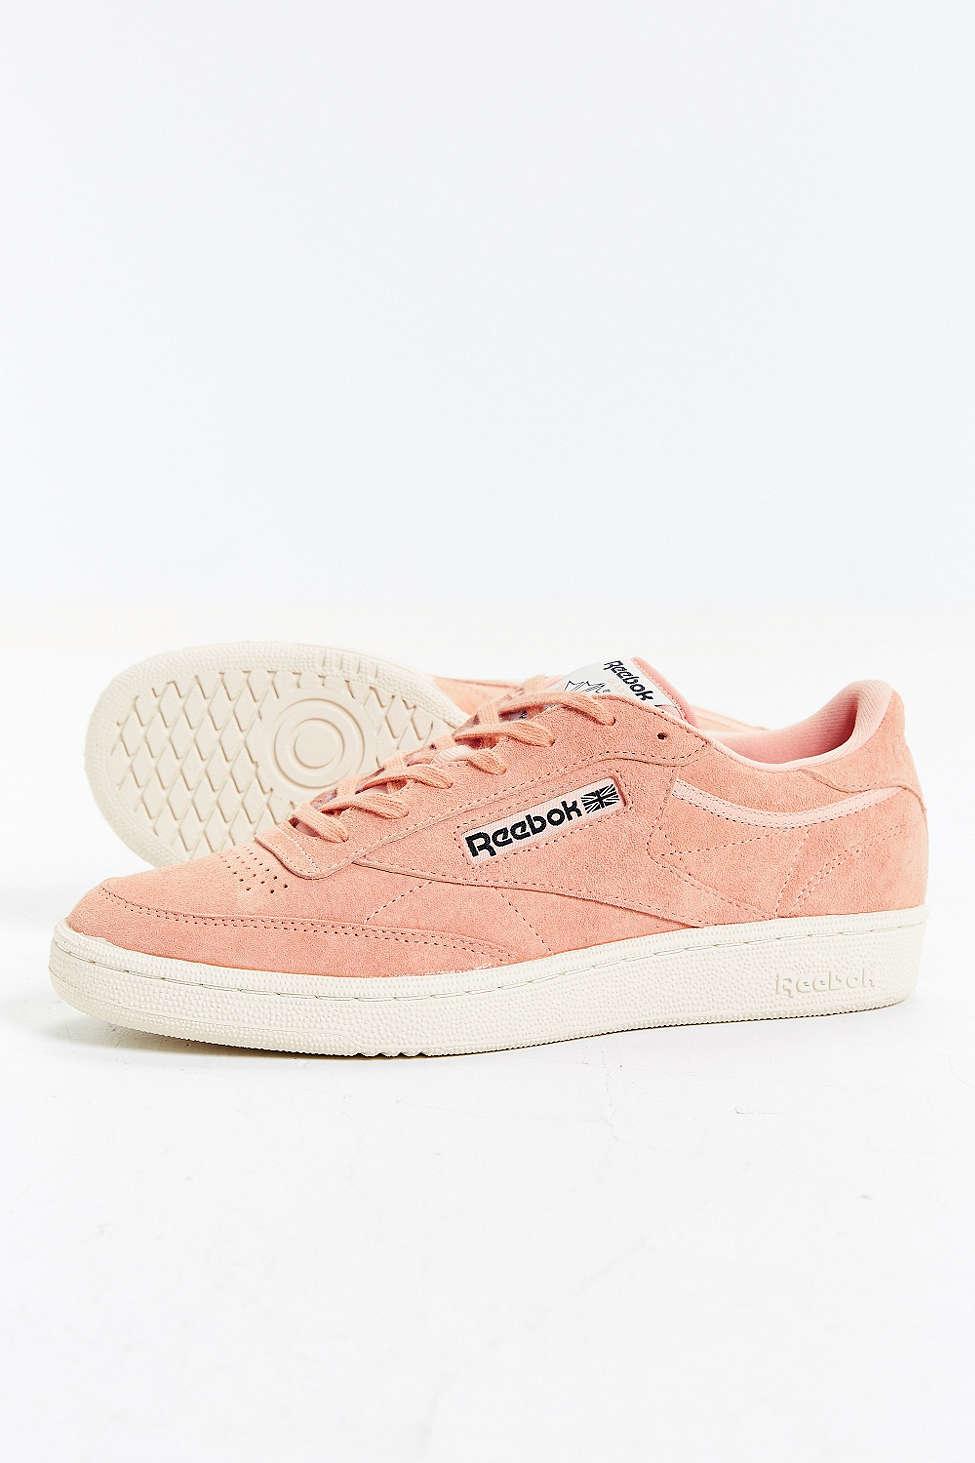 912125d813e6 Lyst - Reebok Club C 85 Pastel Sneaker in Pink for Men